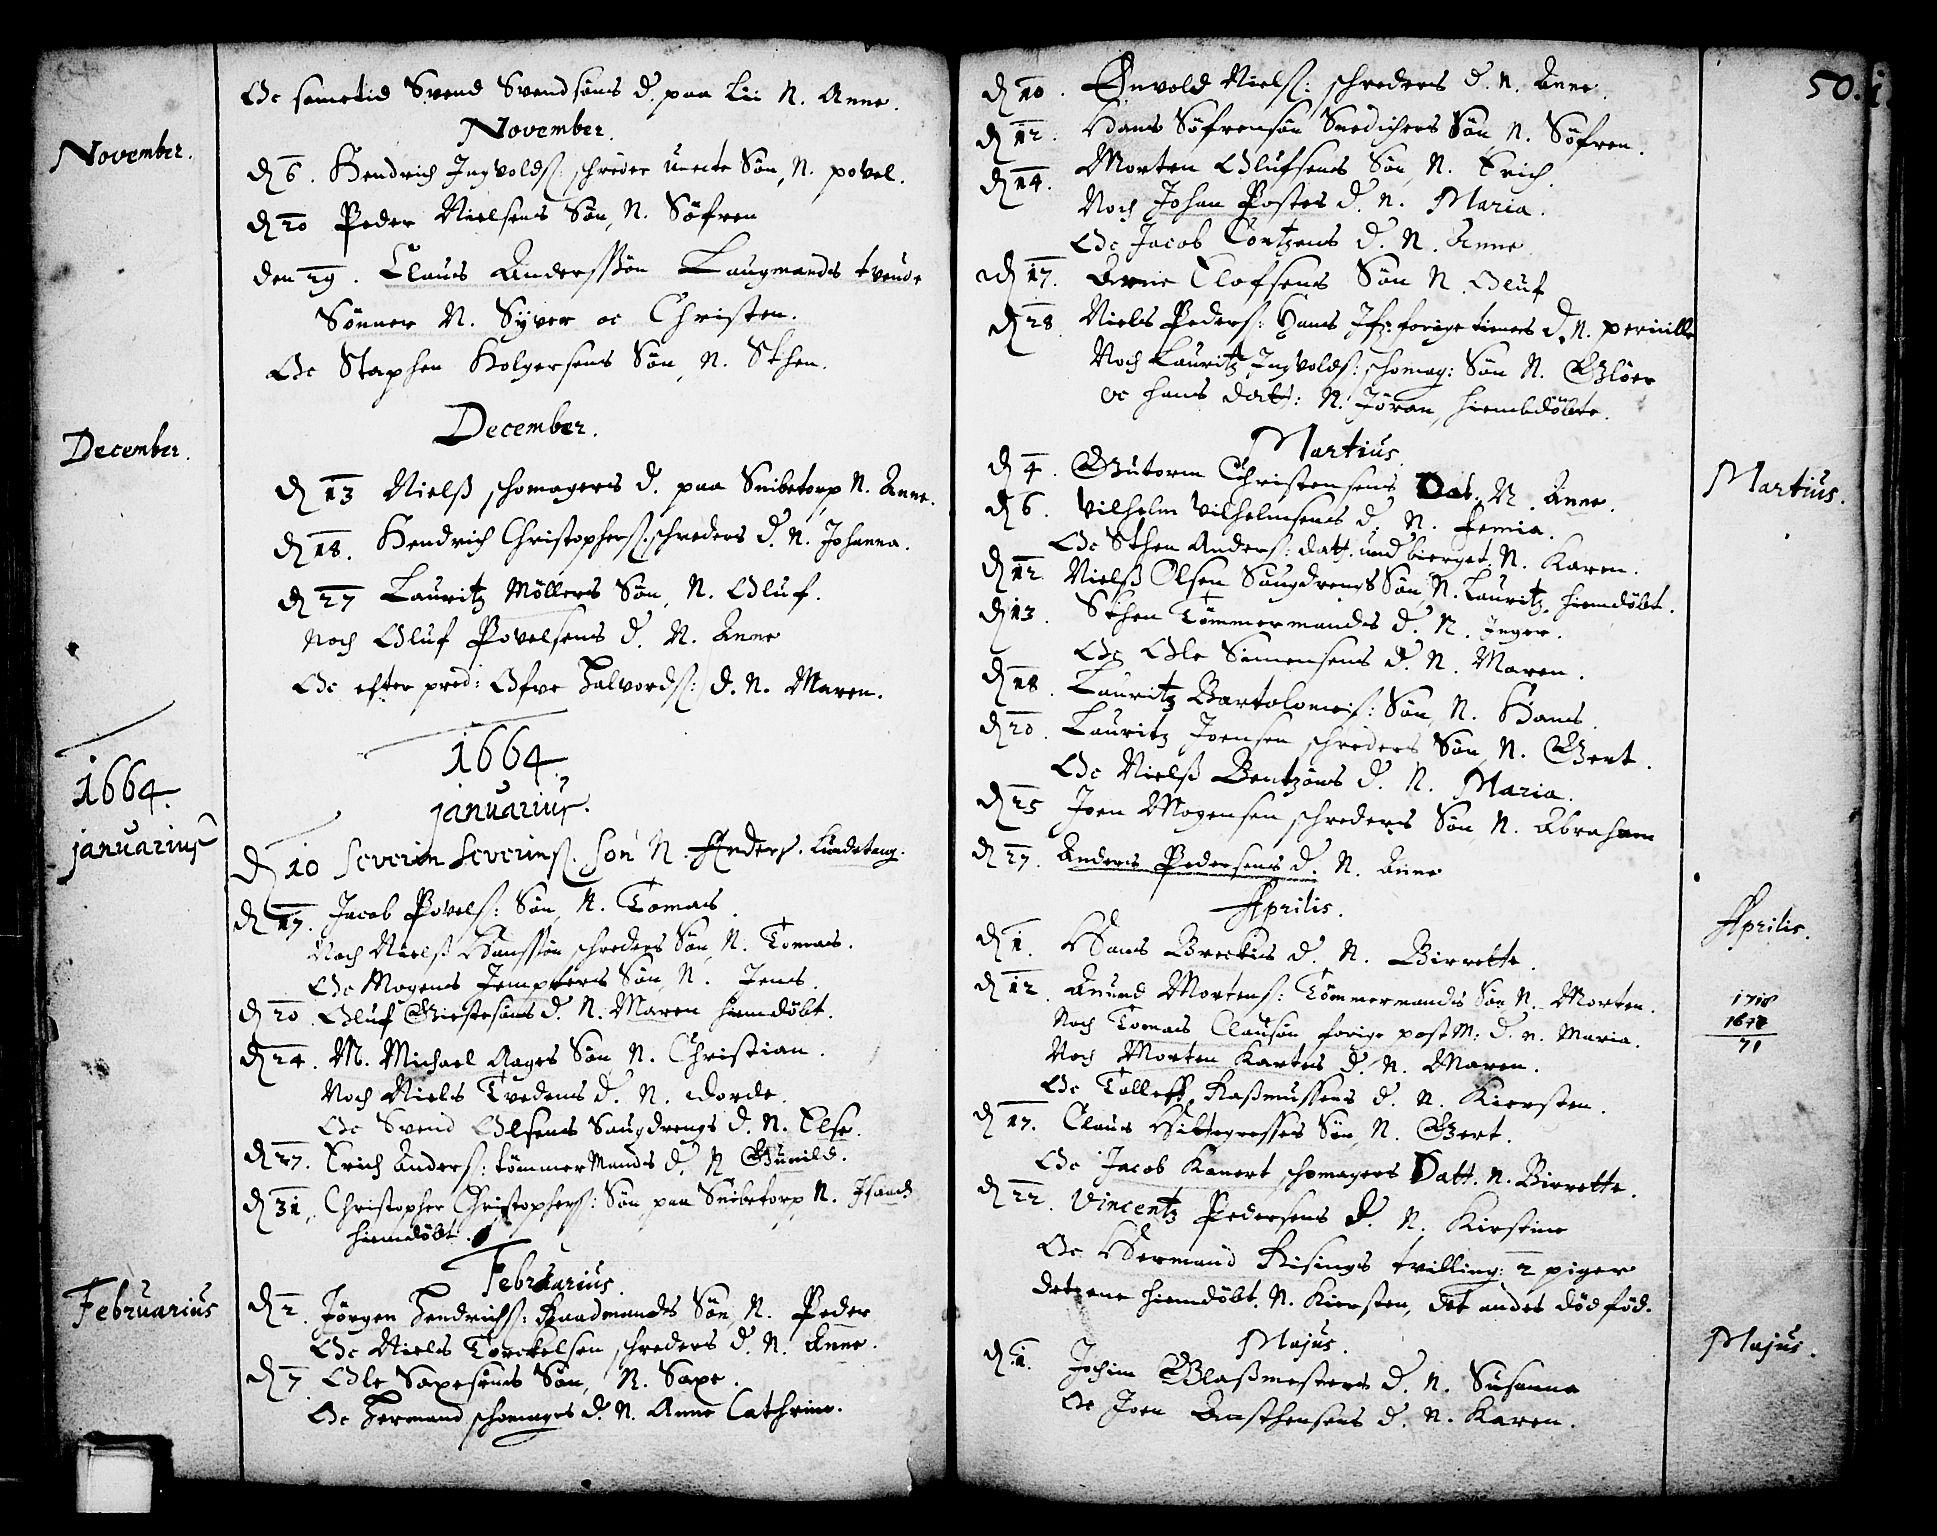 SAKO, Skien kirkebøker, F/Fa/L0001: Ministerialbok nr. 1, 1659-1679, s. 50